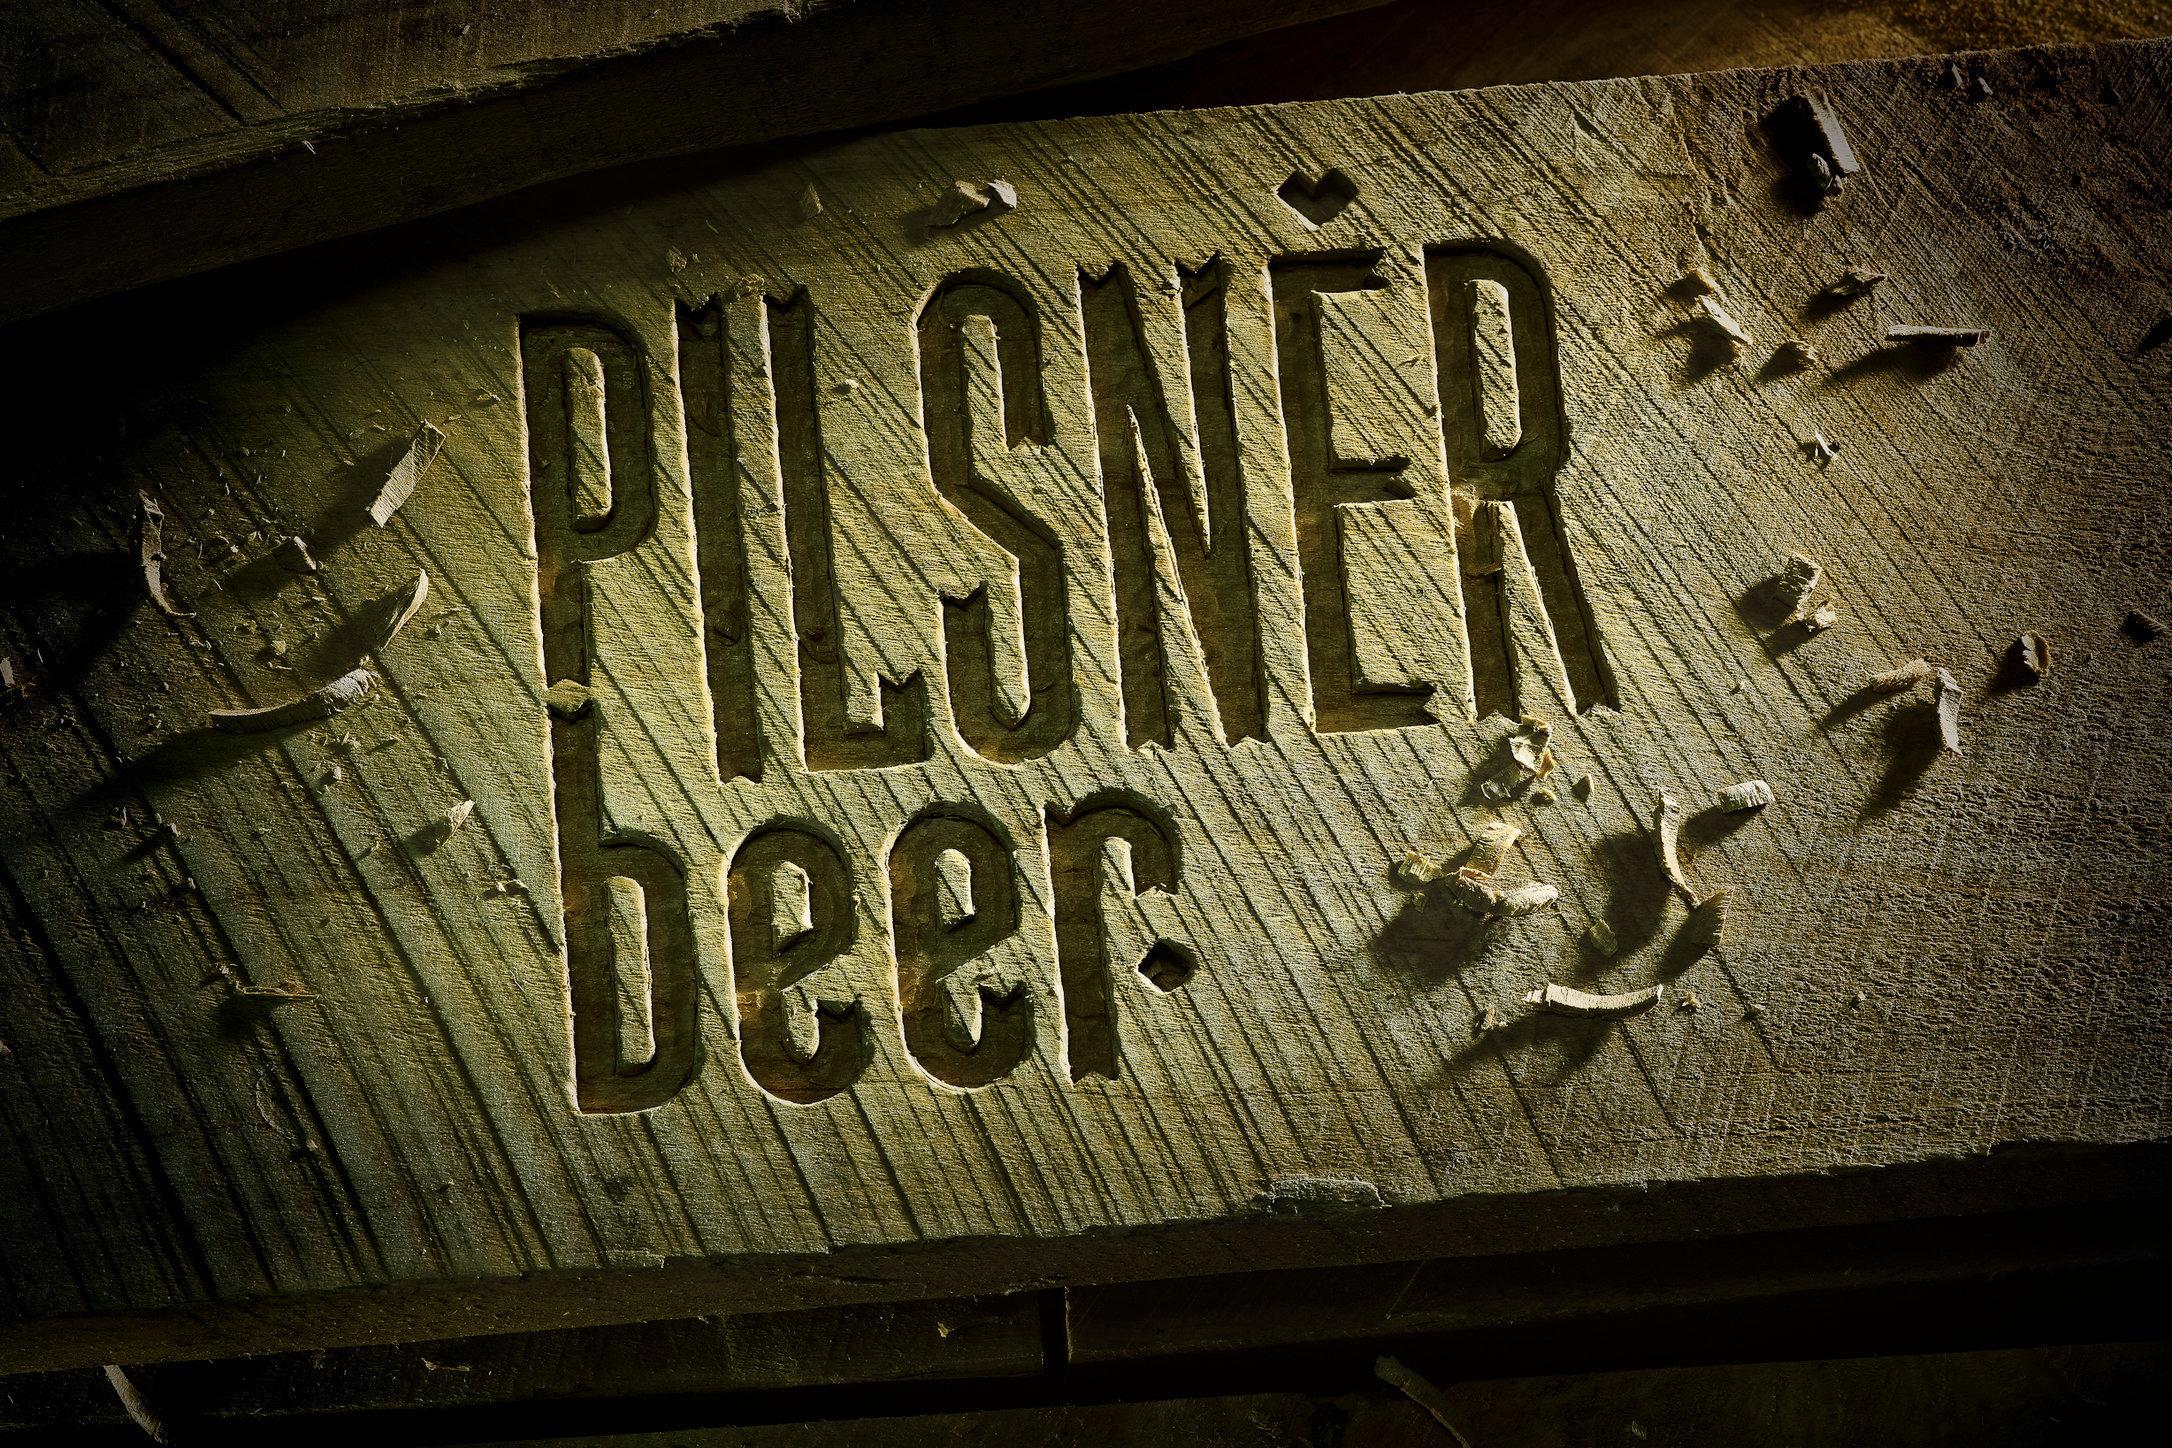 pilsner_Beer.ƒ.jpg